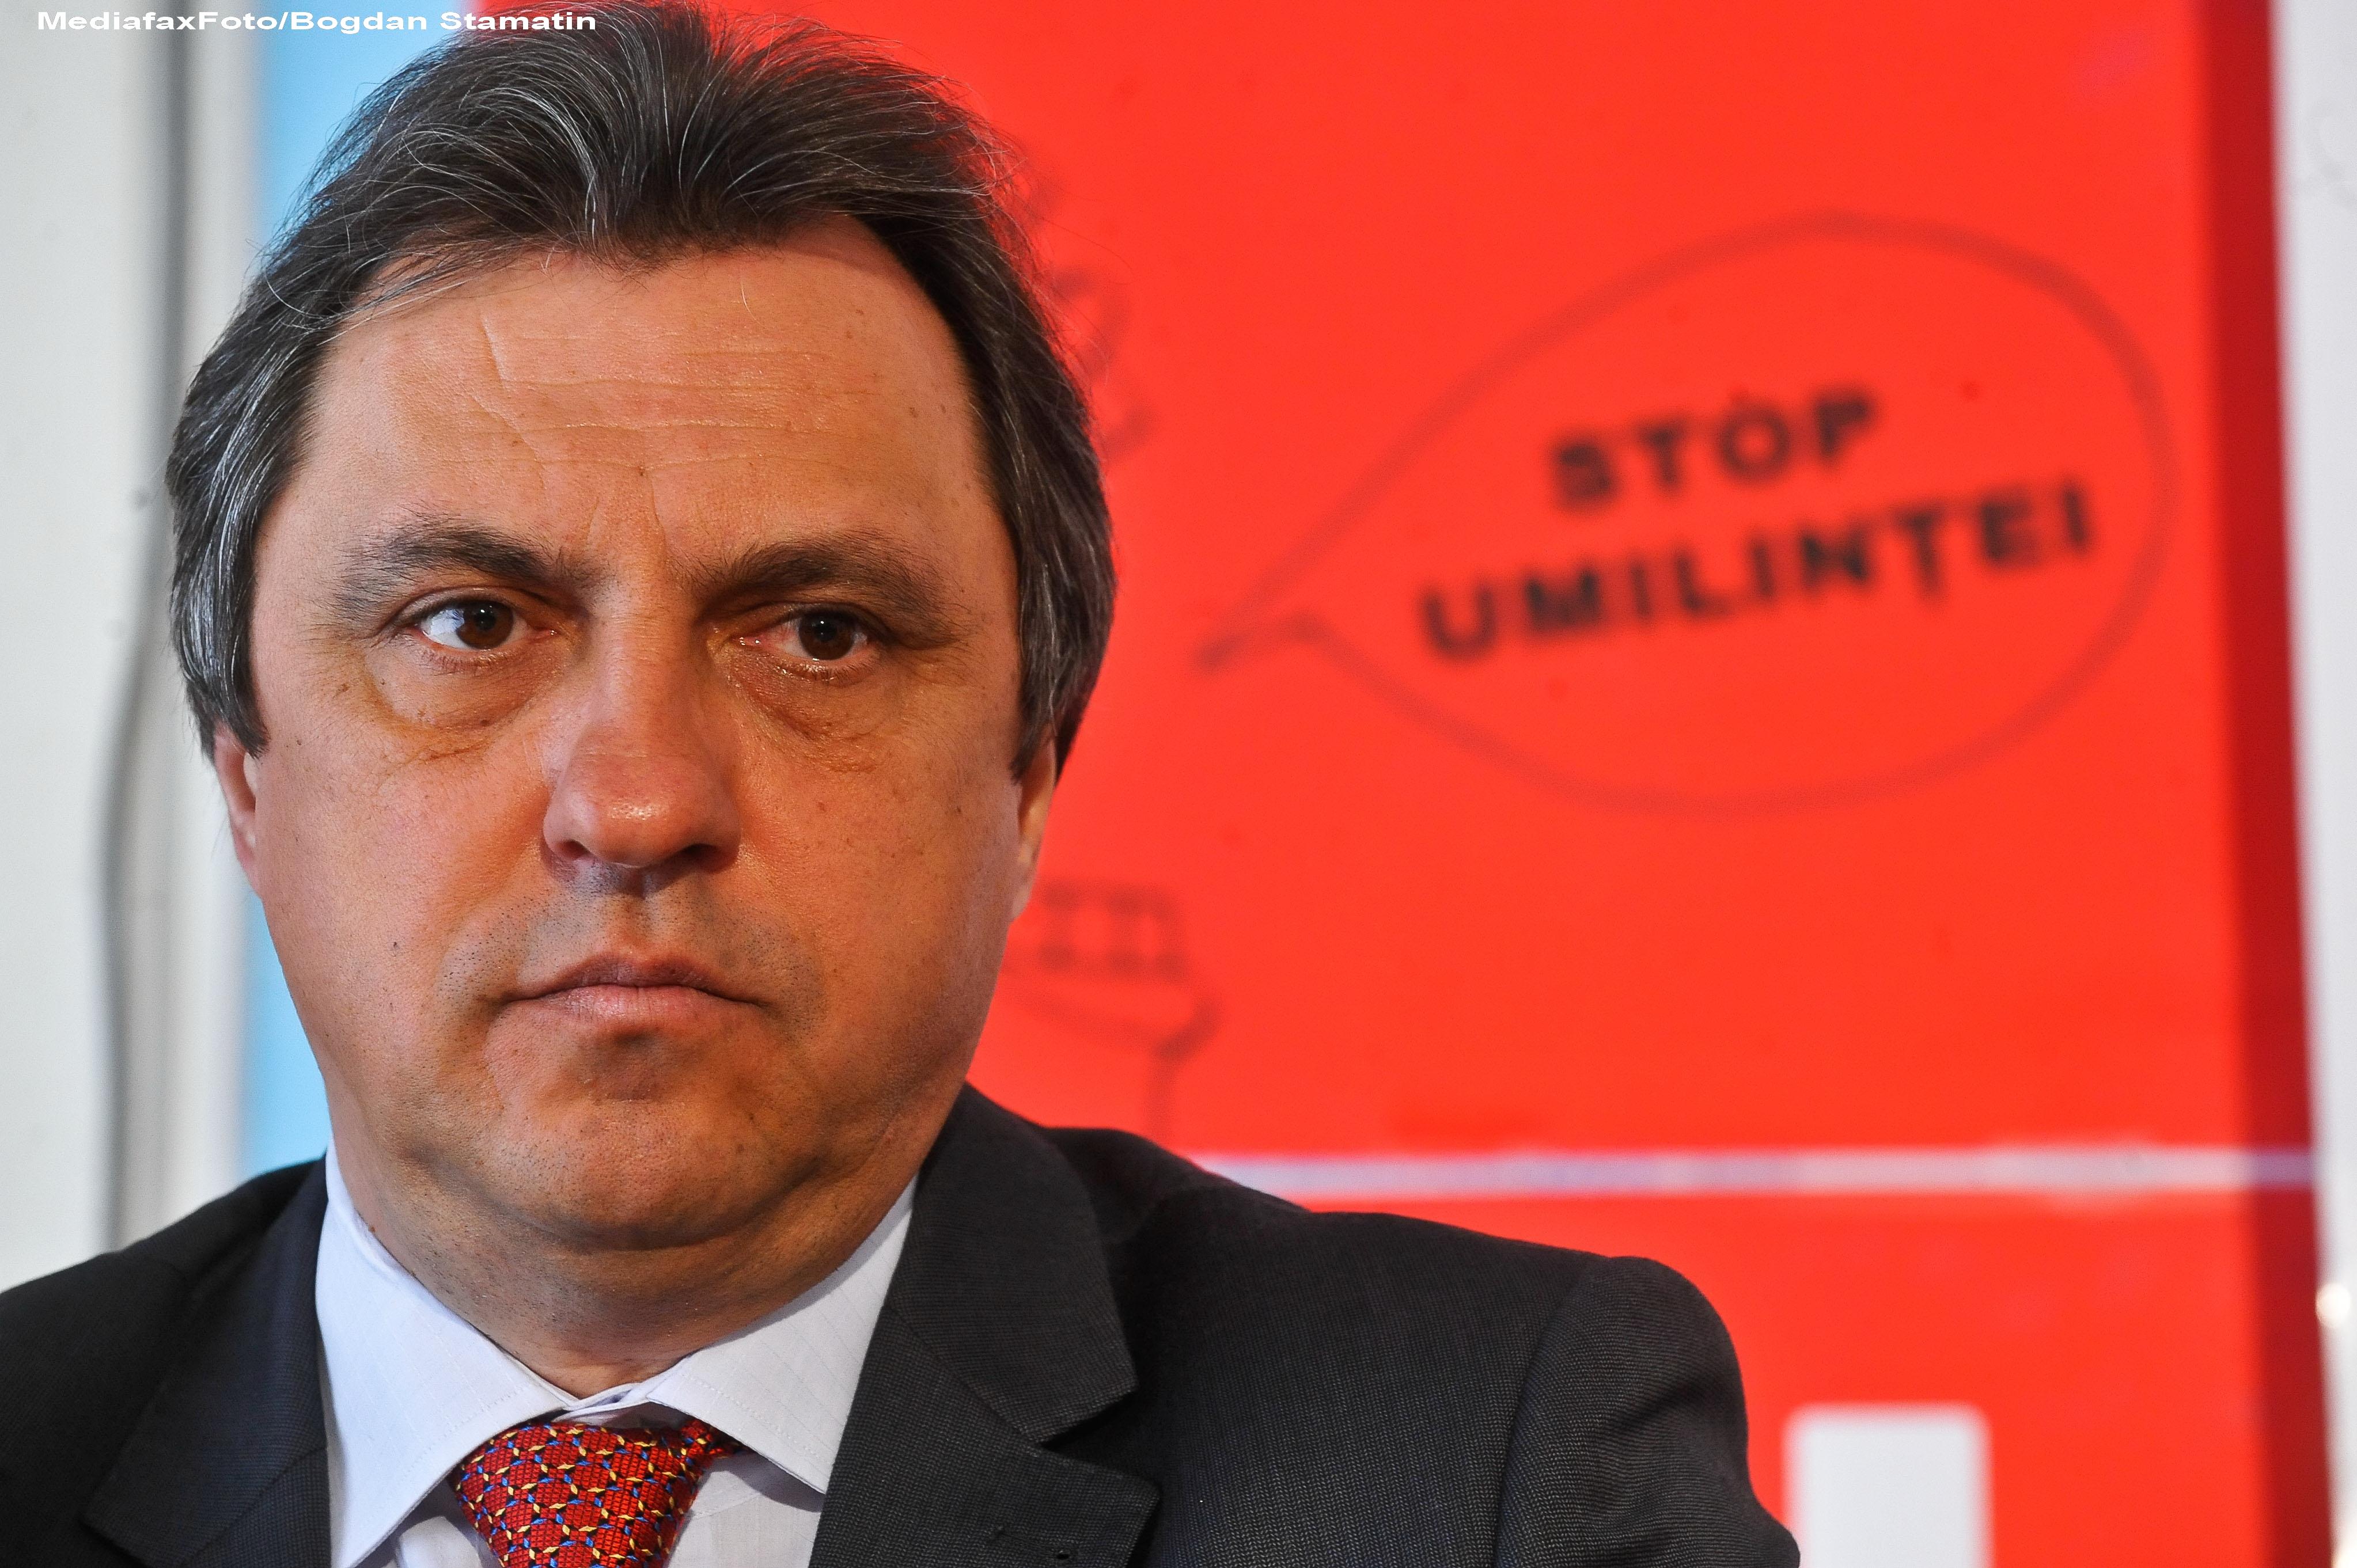 Marius Petcu a fost condamnat definitiv la sapte ani de inchisoare cu executare